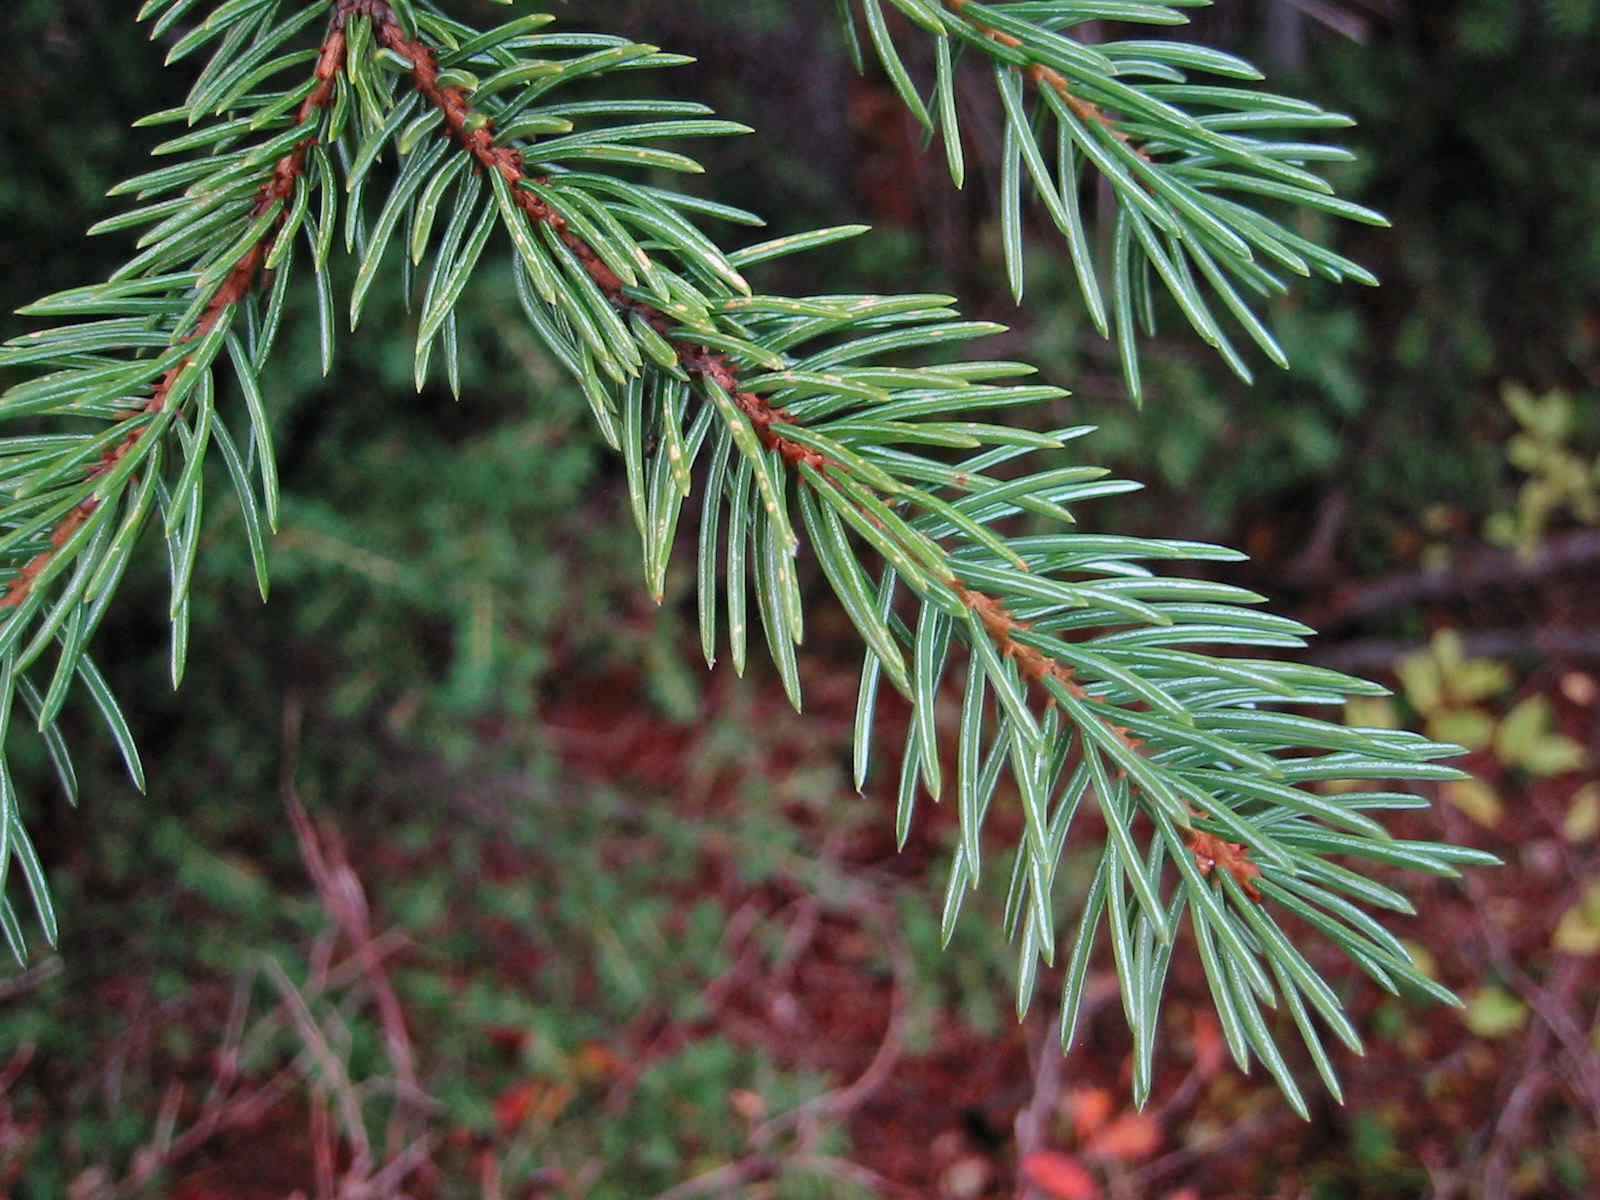 Engelmann spruce tree branch.